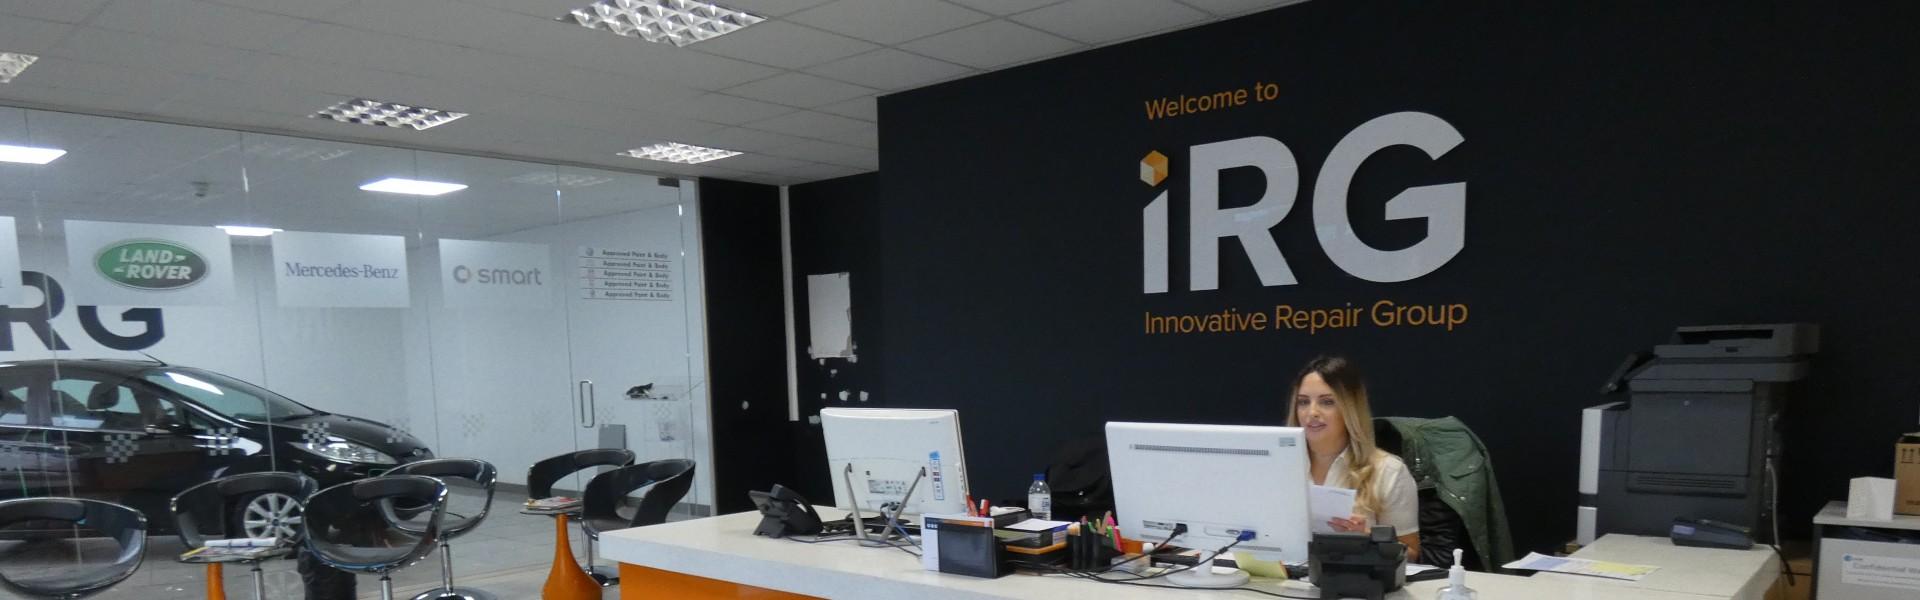 Welcome to iRG Bristol (Prestige)